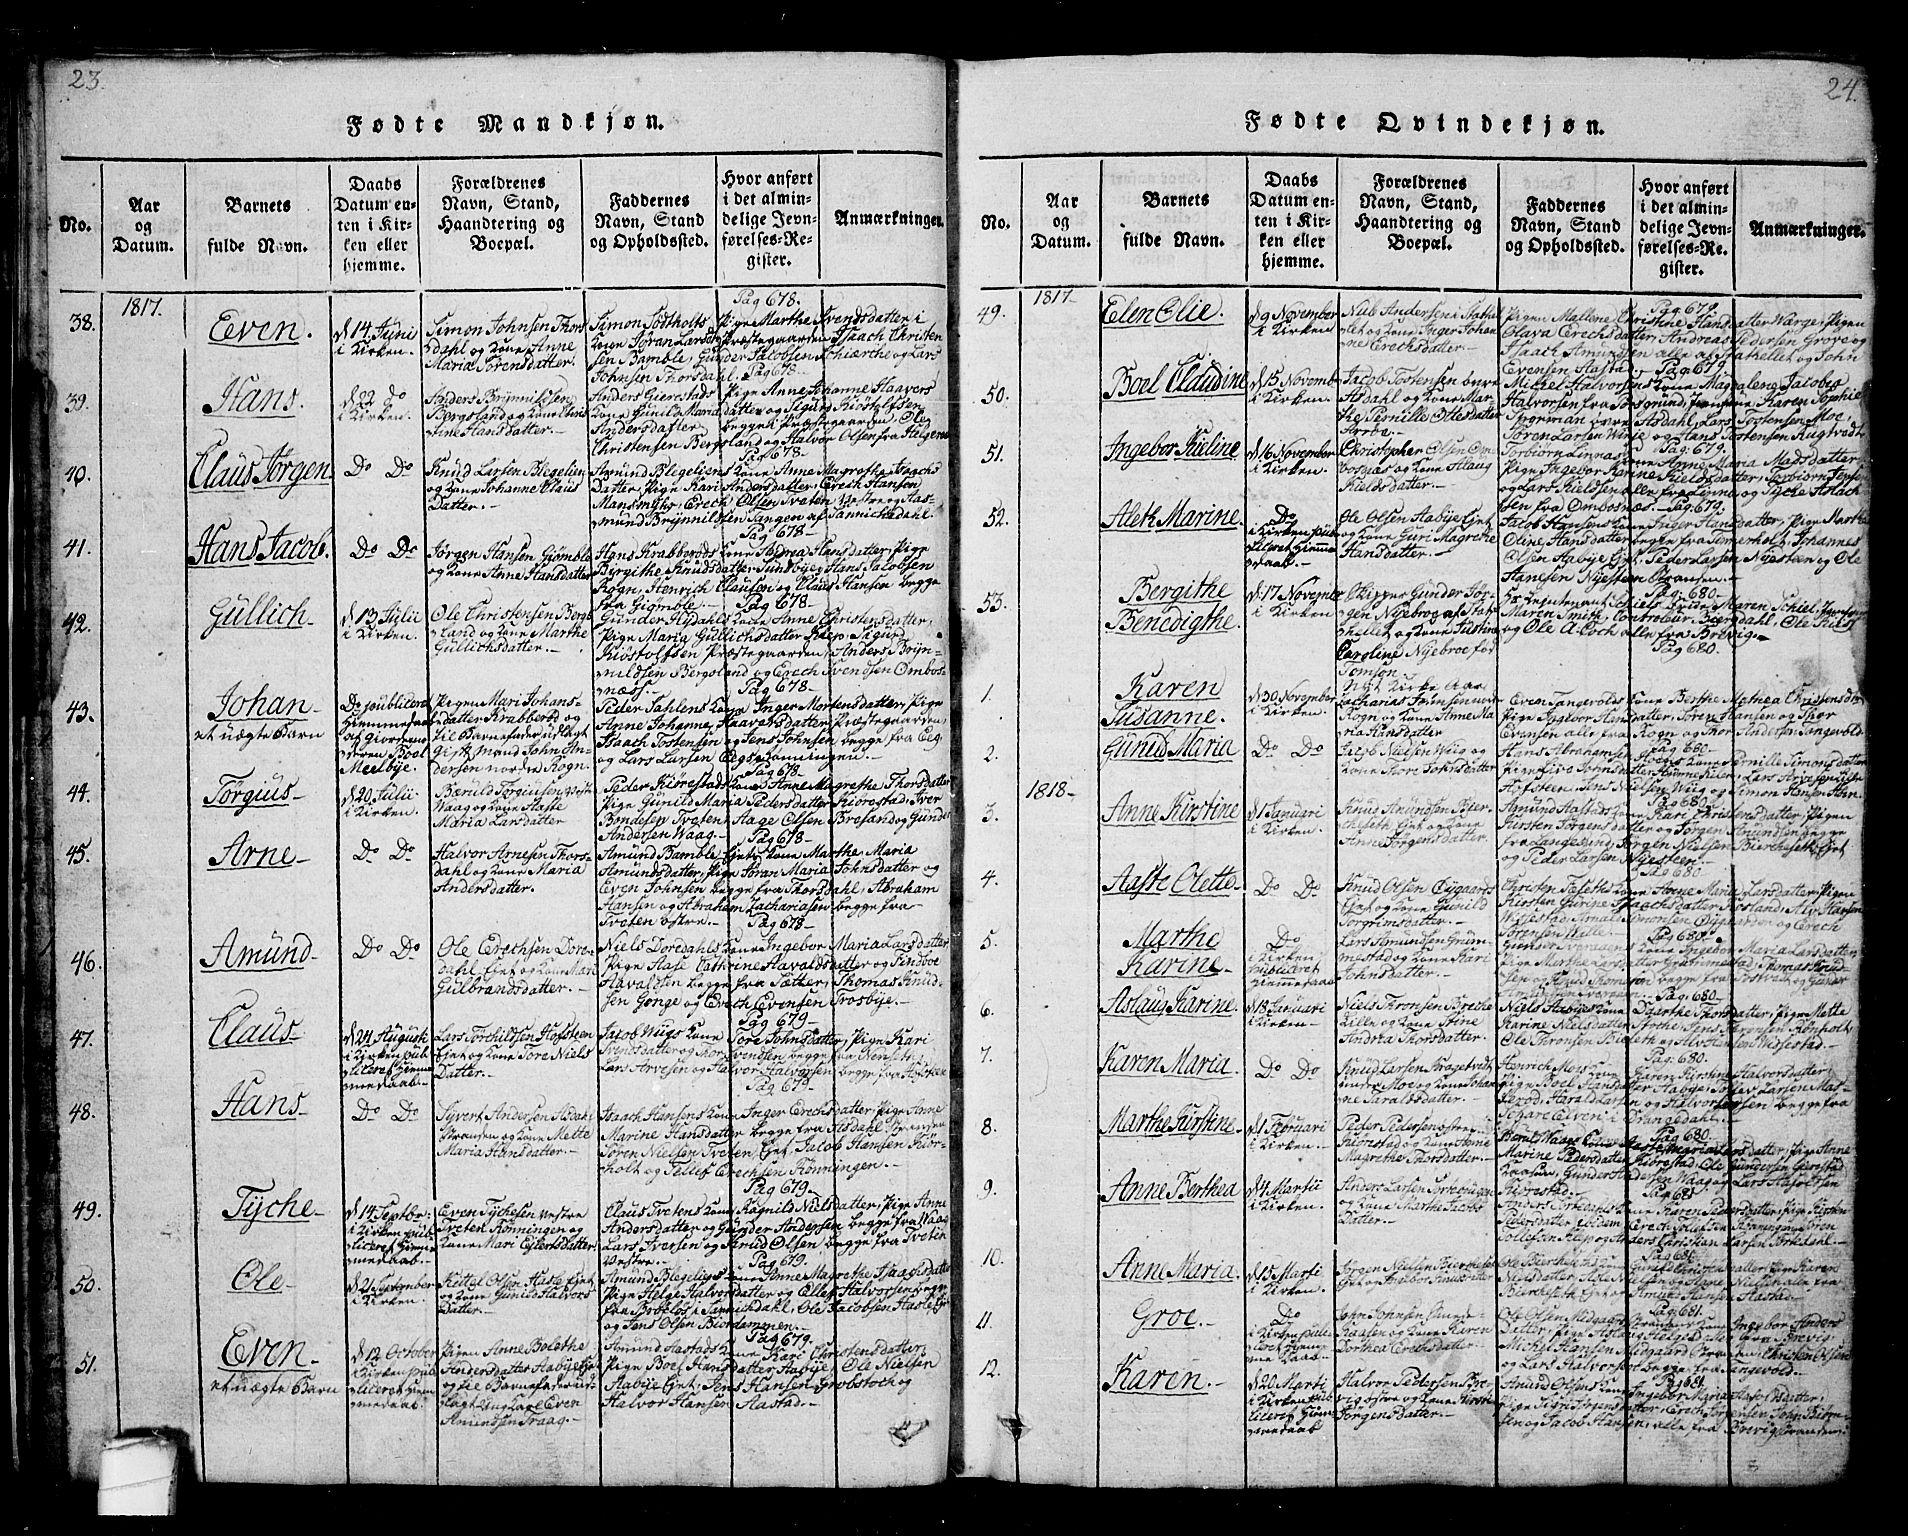 SAKO, Bamble kirkebøker, G/Ga/L0005: Klokkerbok nr. I 5, 1814-1855, s. 23-24